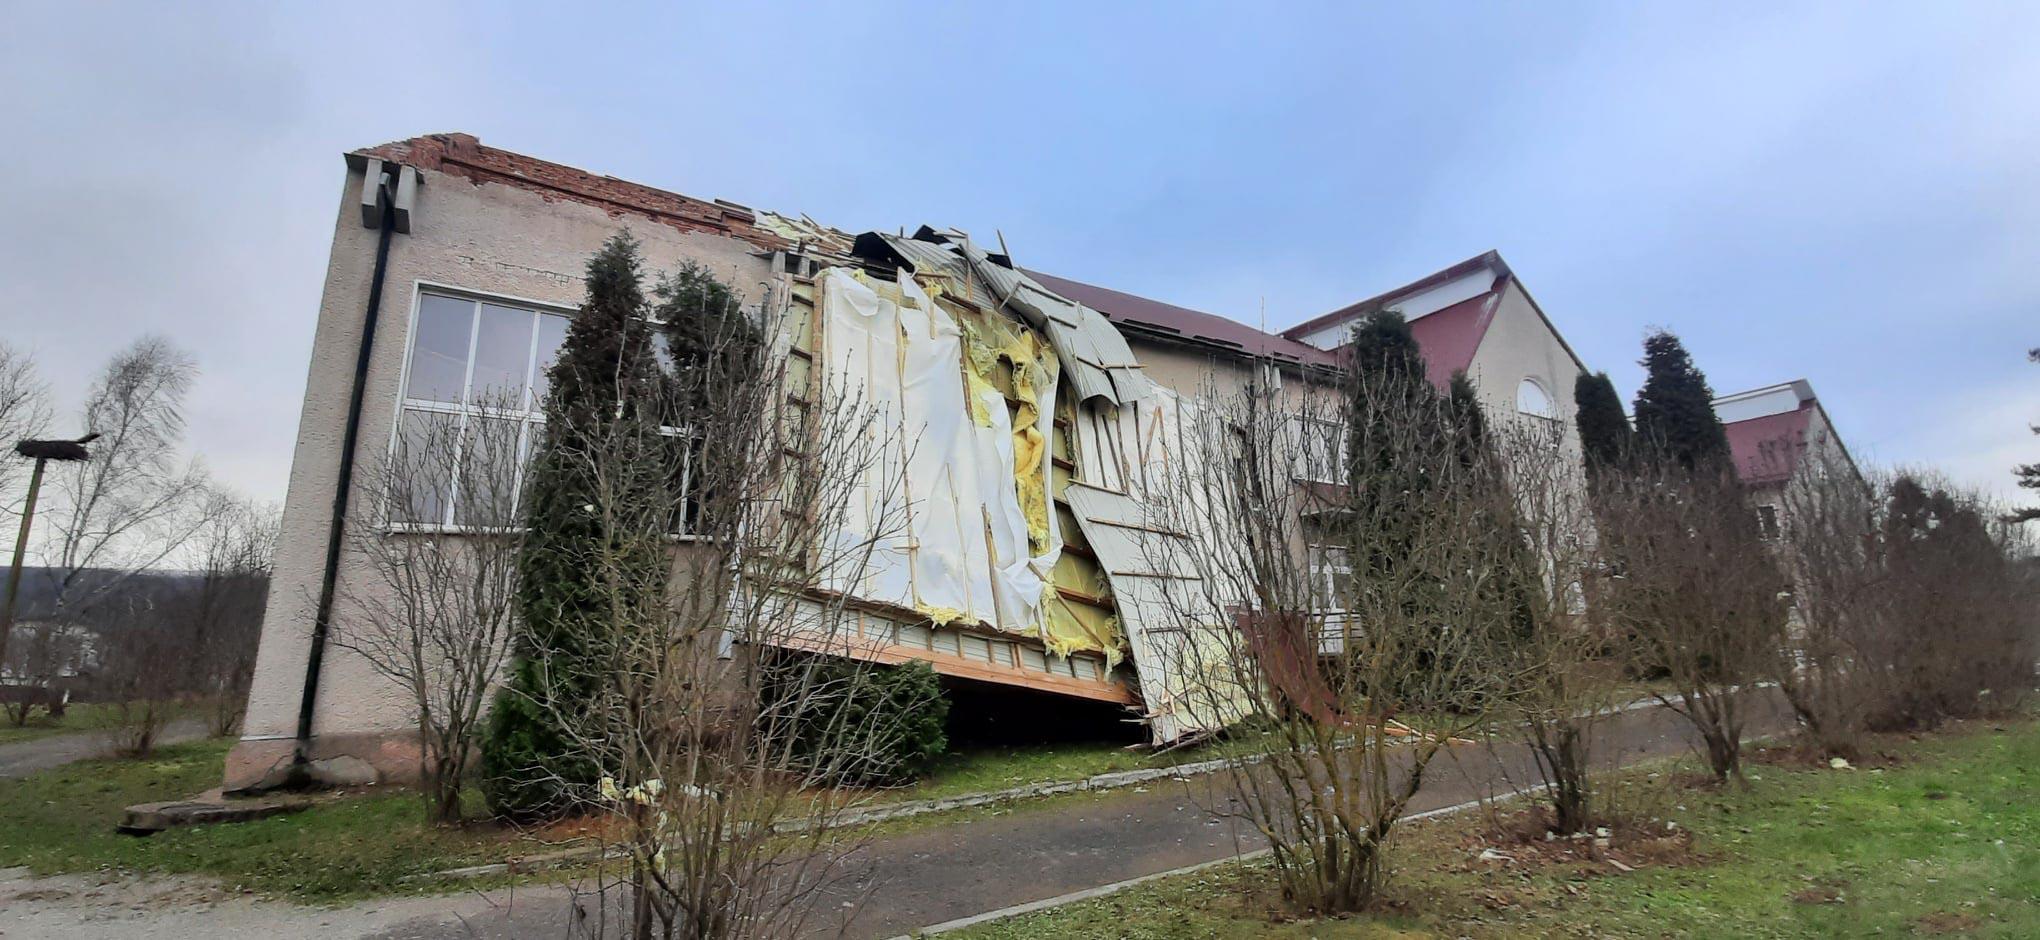 Сільська школа в Галицькій ОТГ через вітер залишилась без даху (ФОТО)